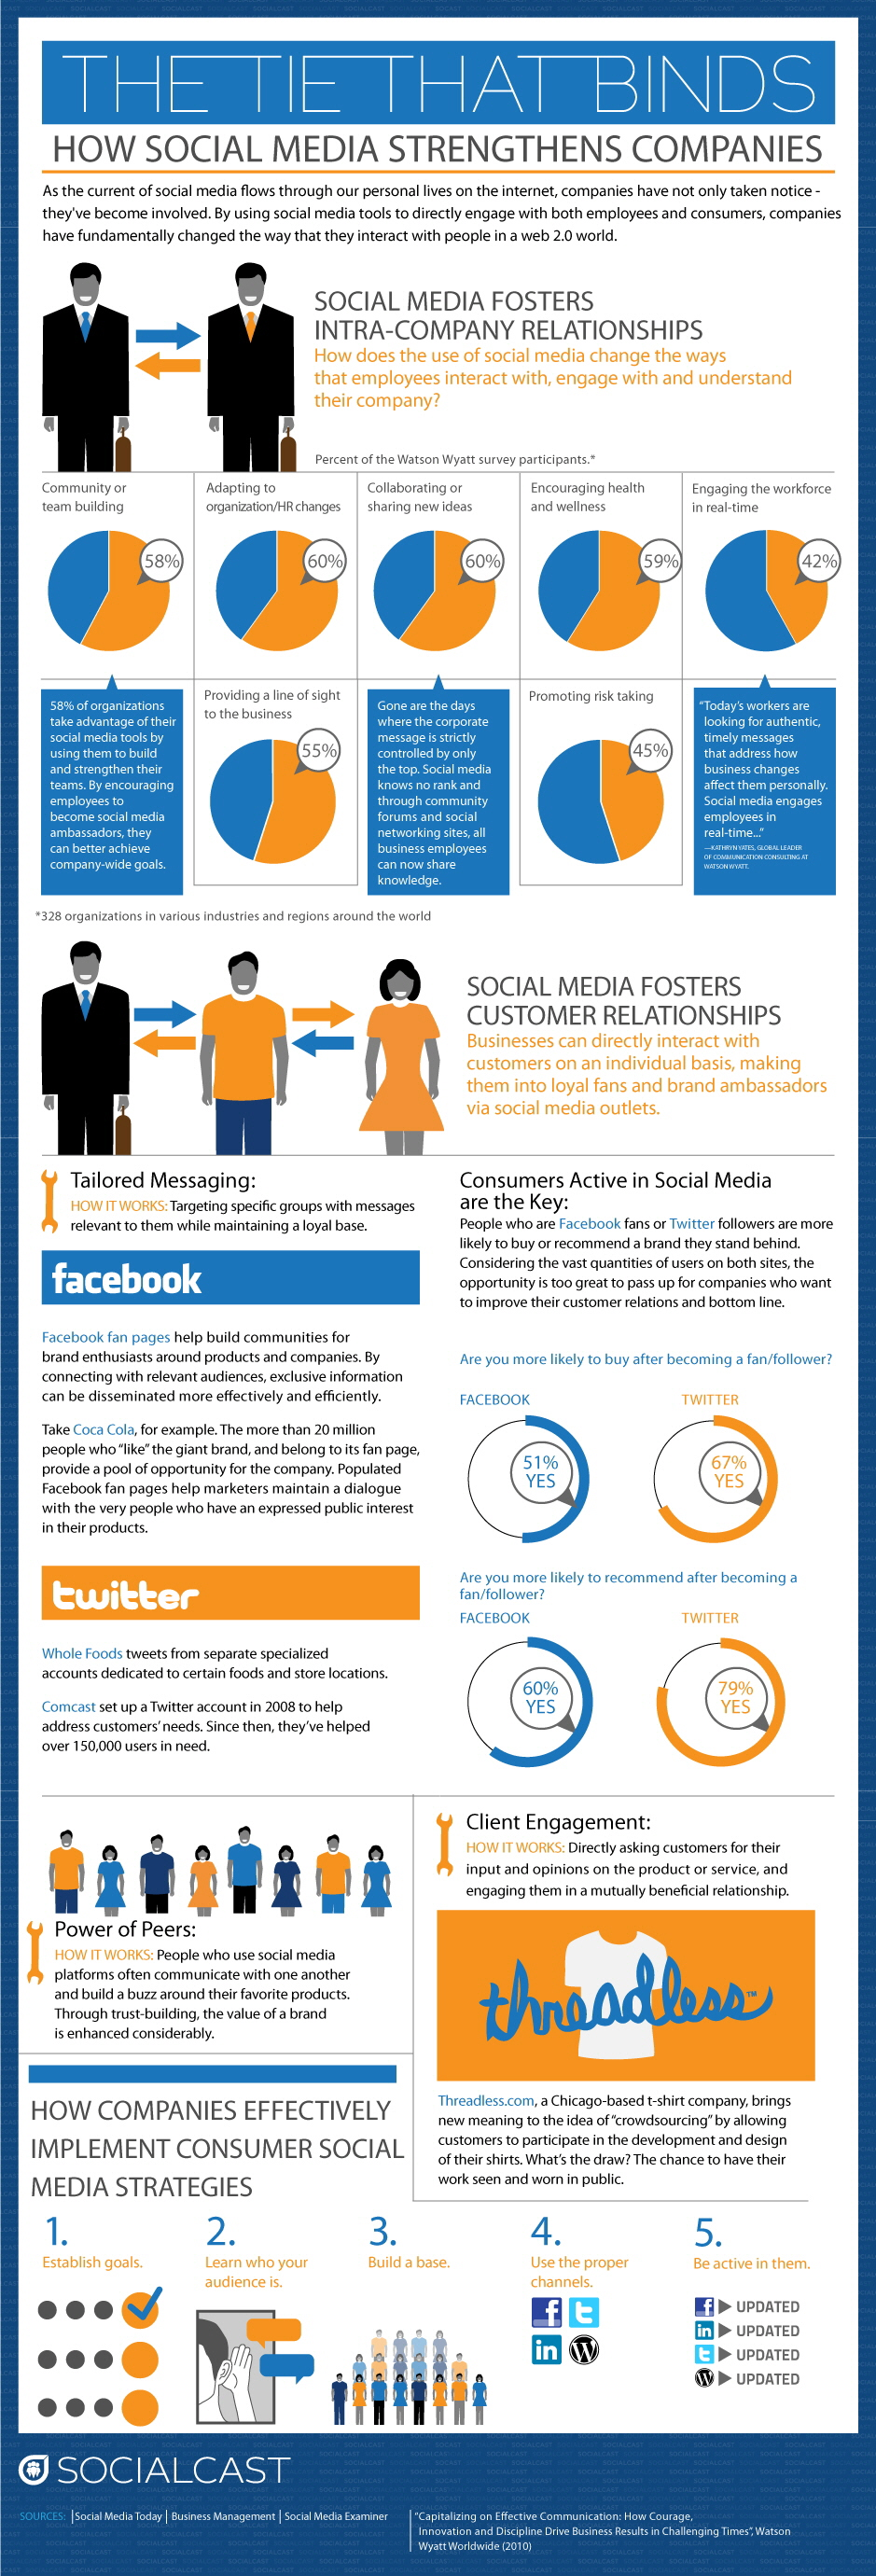 Sosyal Medya Şirketleri Nasıl Güçlendirir?